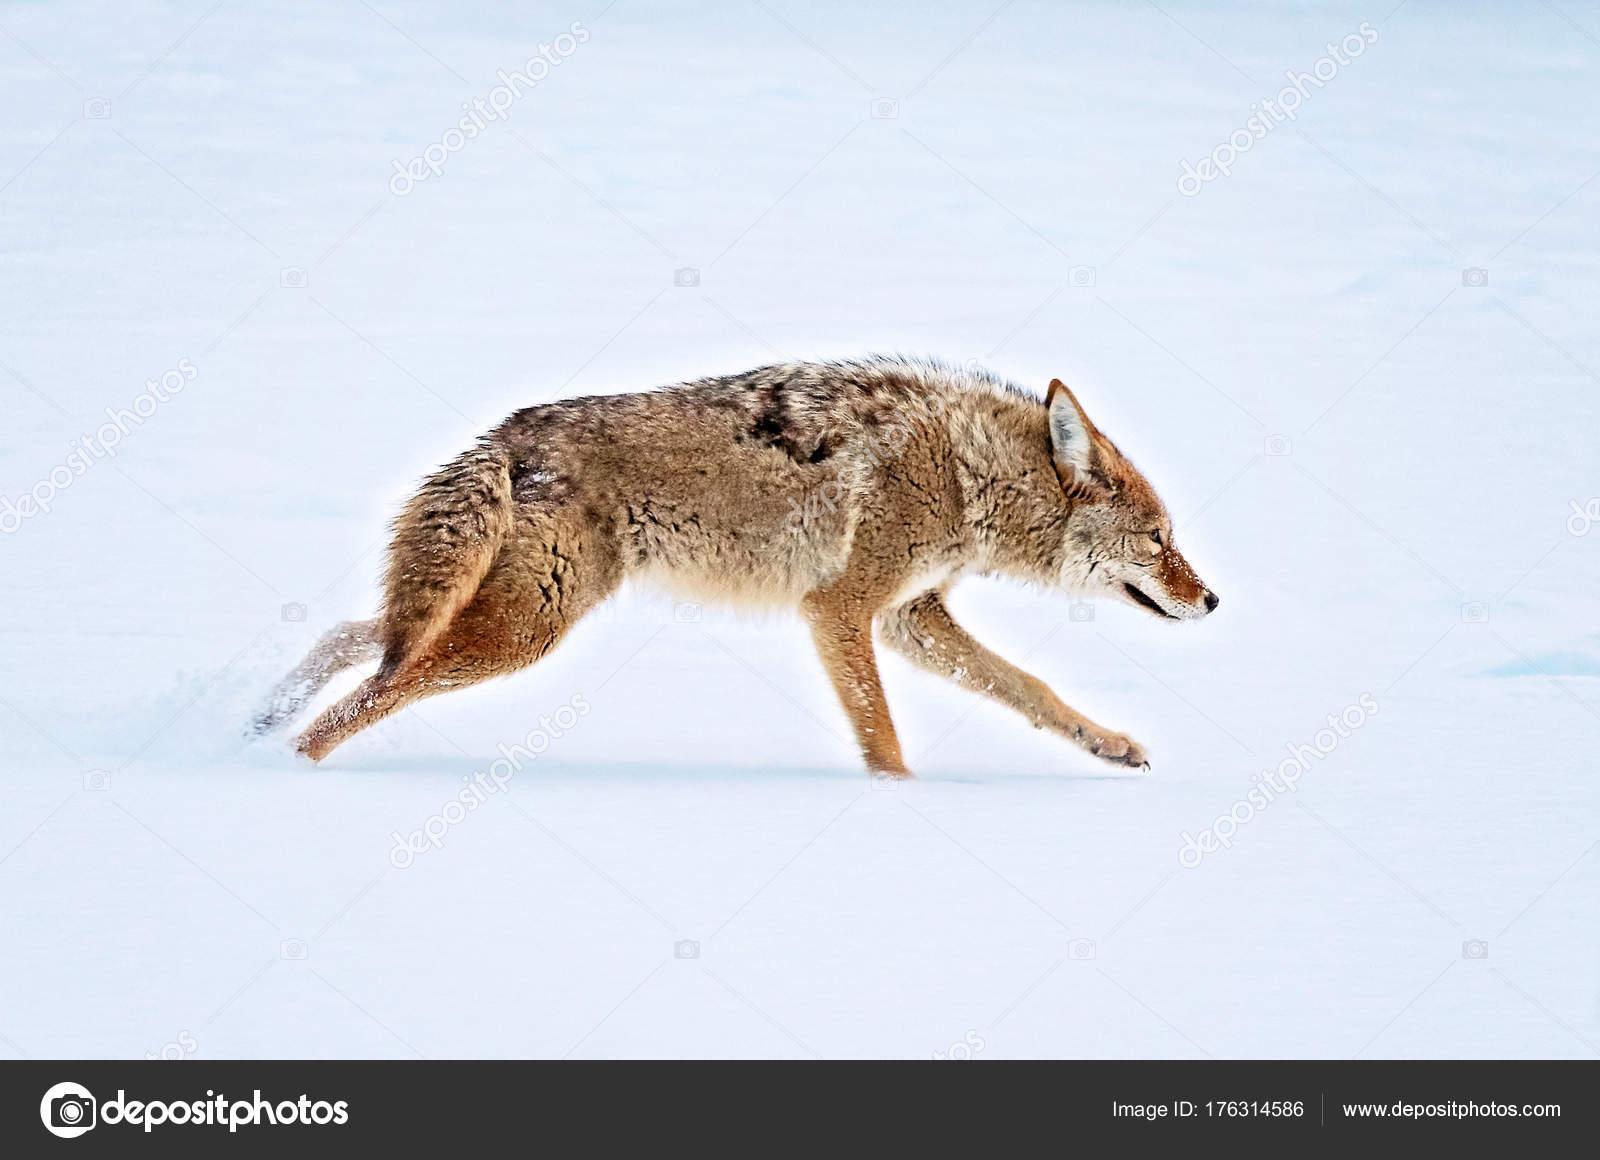 Fotos: del coyote | un coyote que atraviesa un estanque ...  Fotos: del coyo...